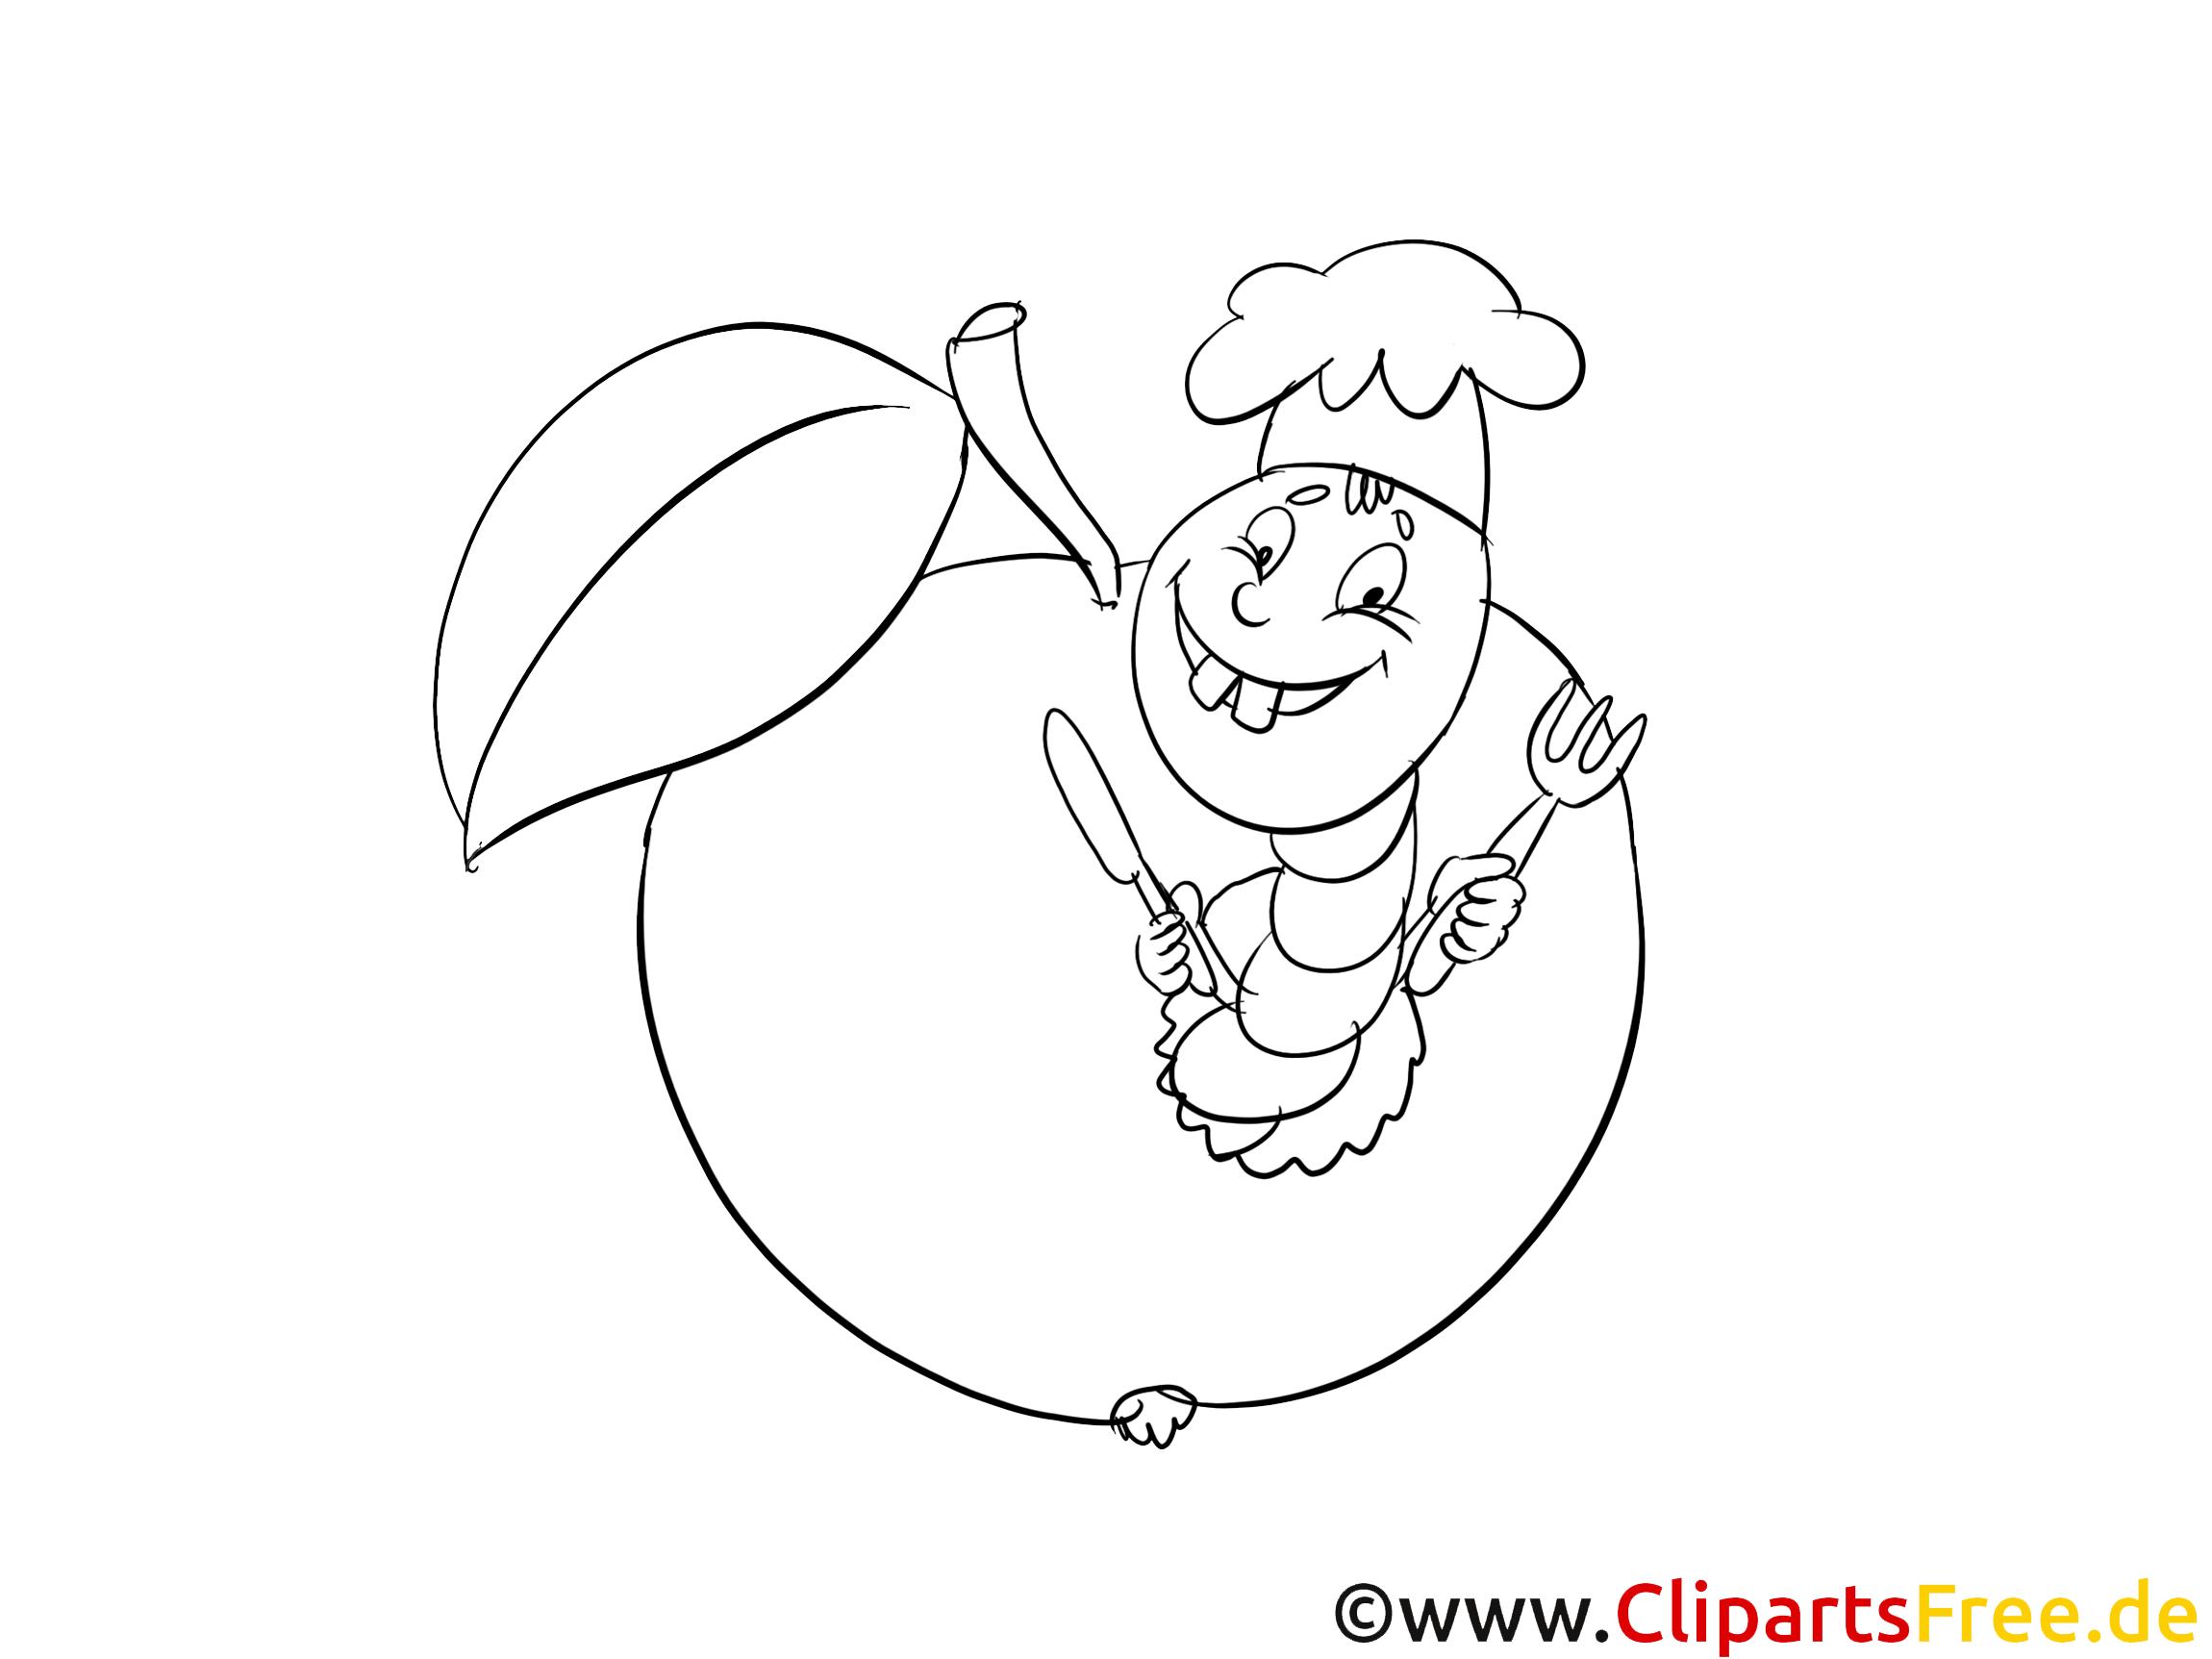 Pomme clip art – Campagne image à colorier